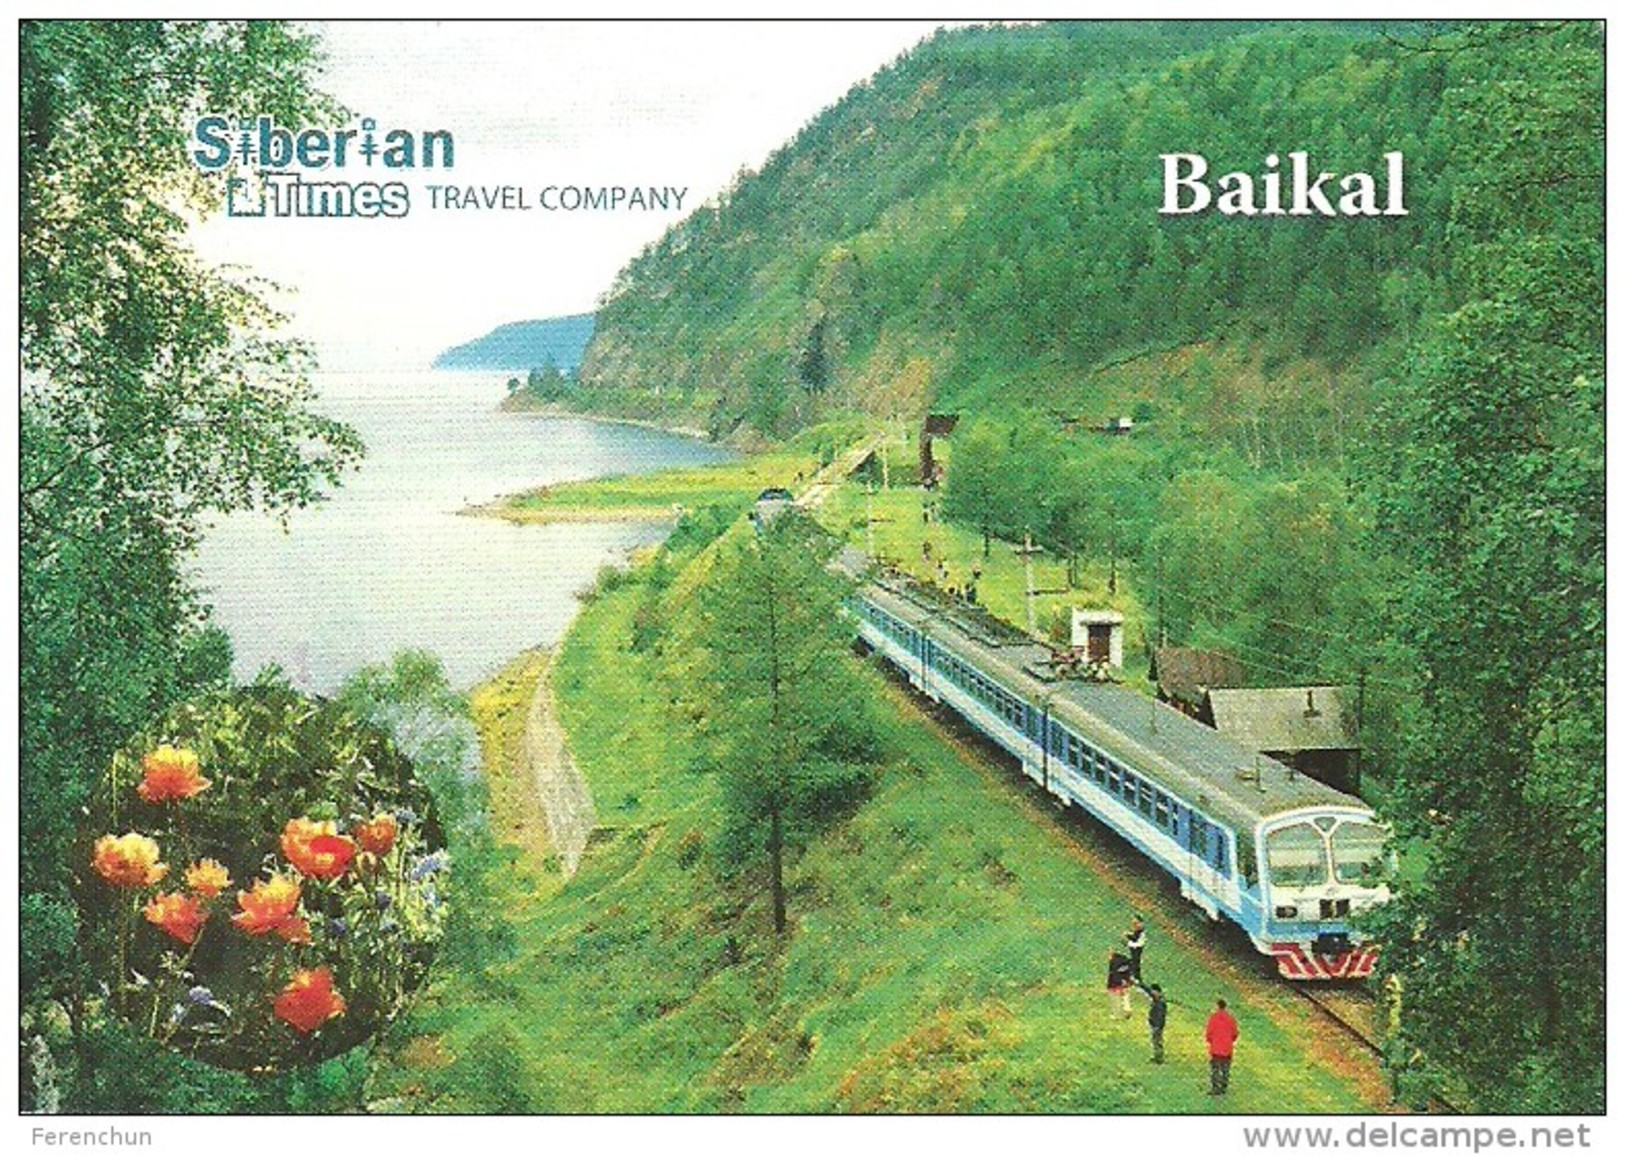 RAIL * RAILWAY * RAILROAD * TRAIN * RAILCAR * LAKE BAIKAL * IRKUTSK * SIBERIA * CALENDAR * Siberian Times 2015 * Russia - Calendari